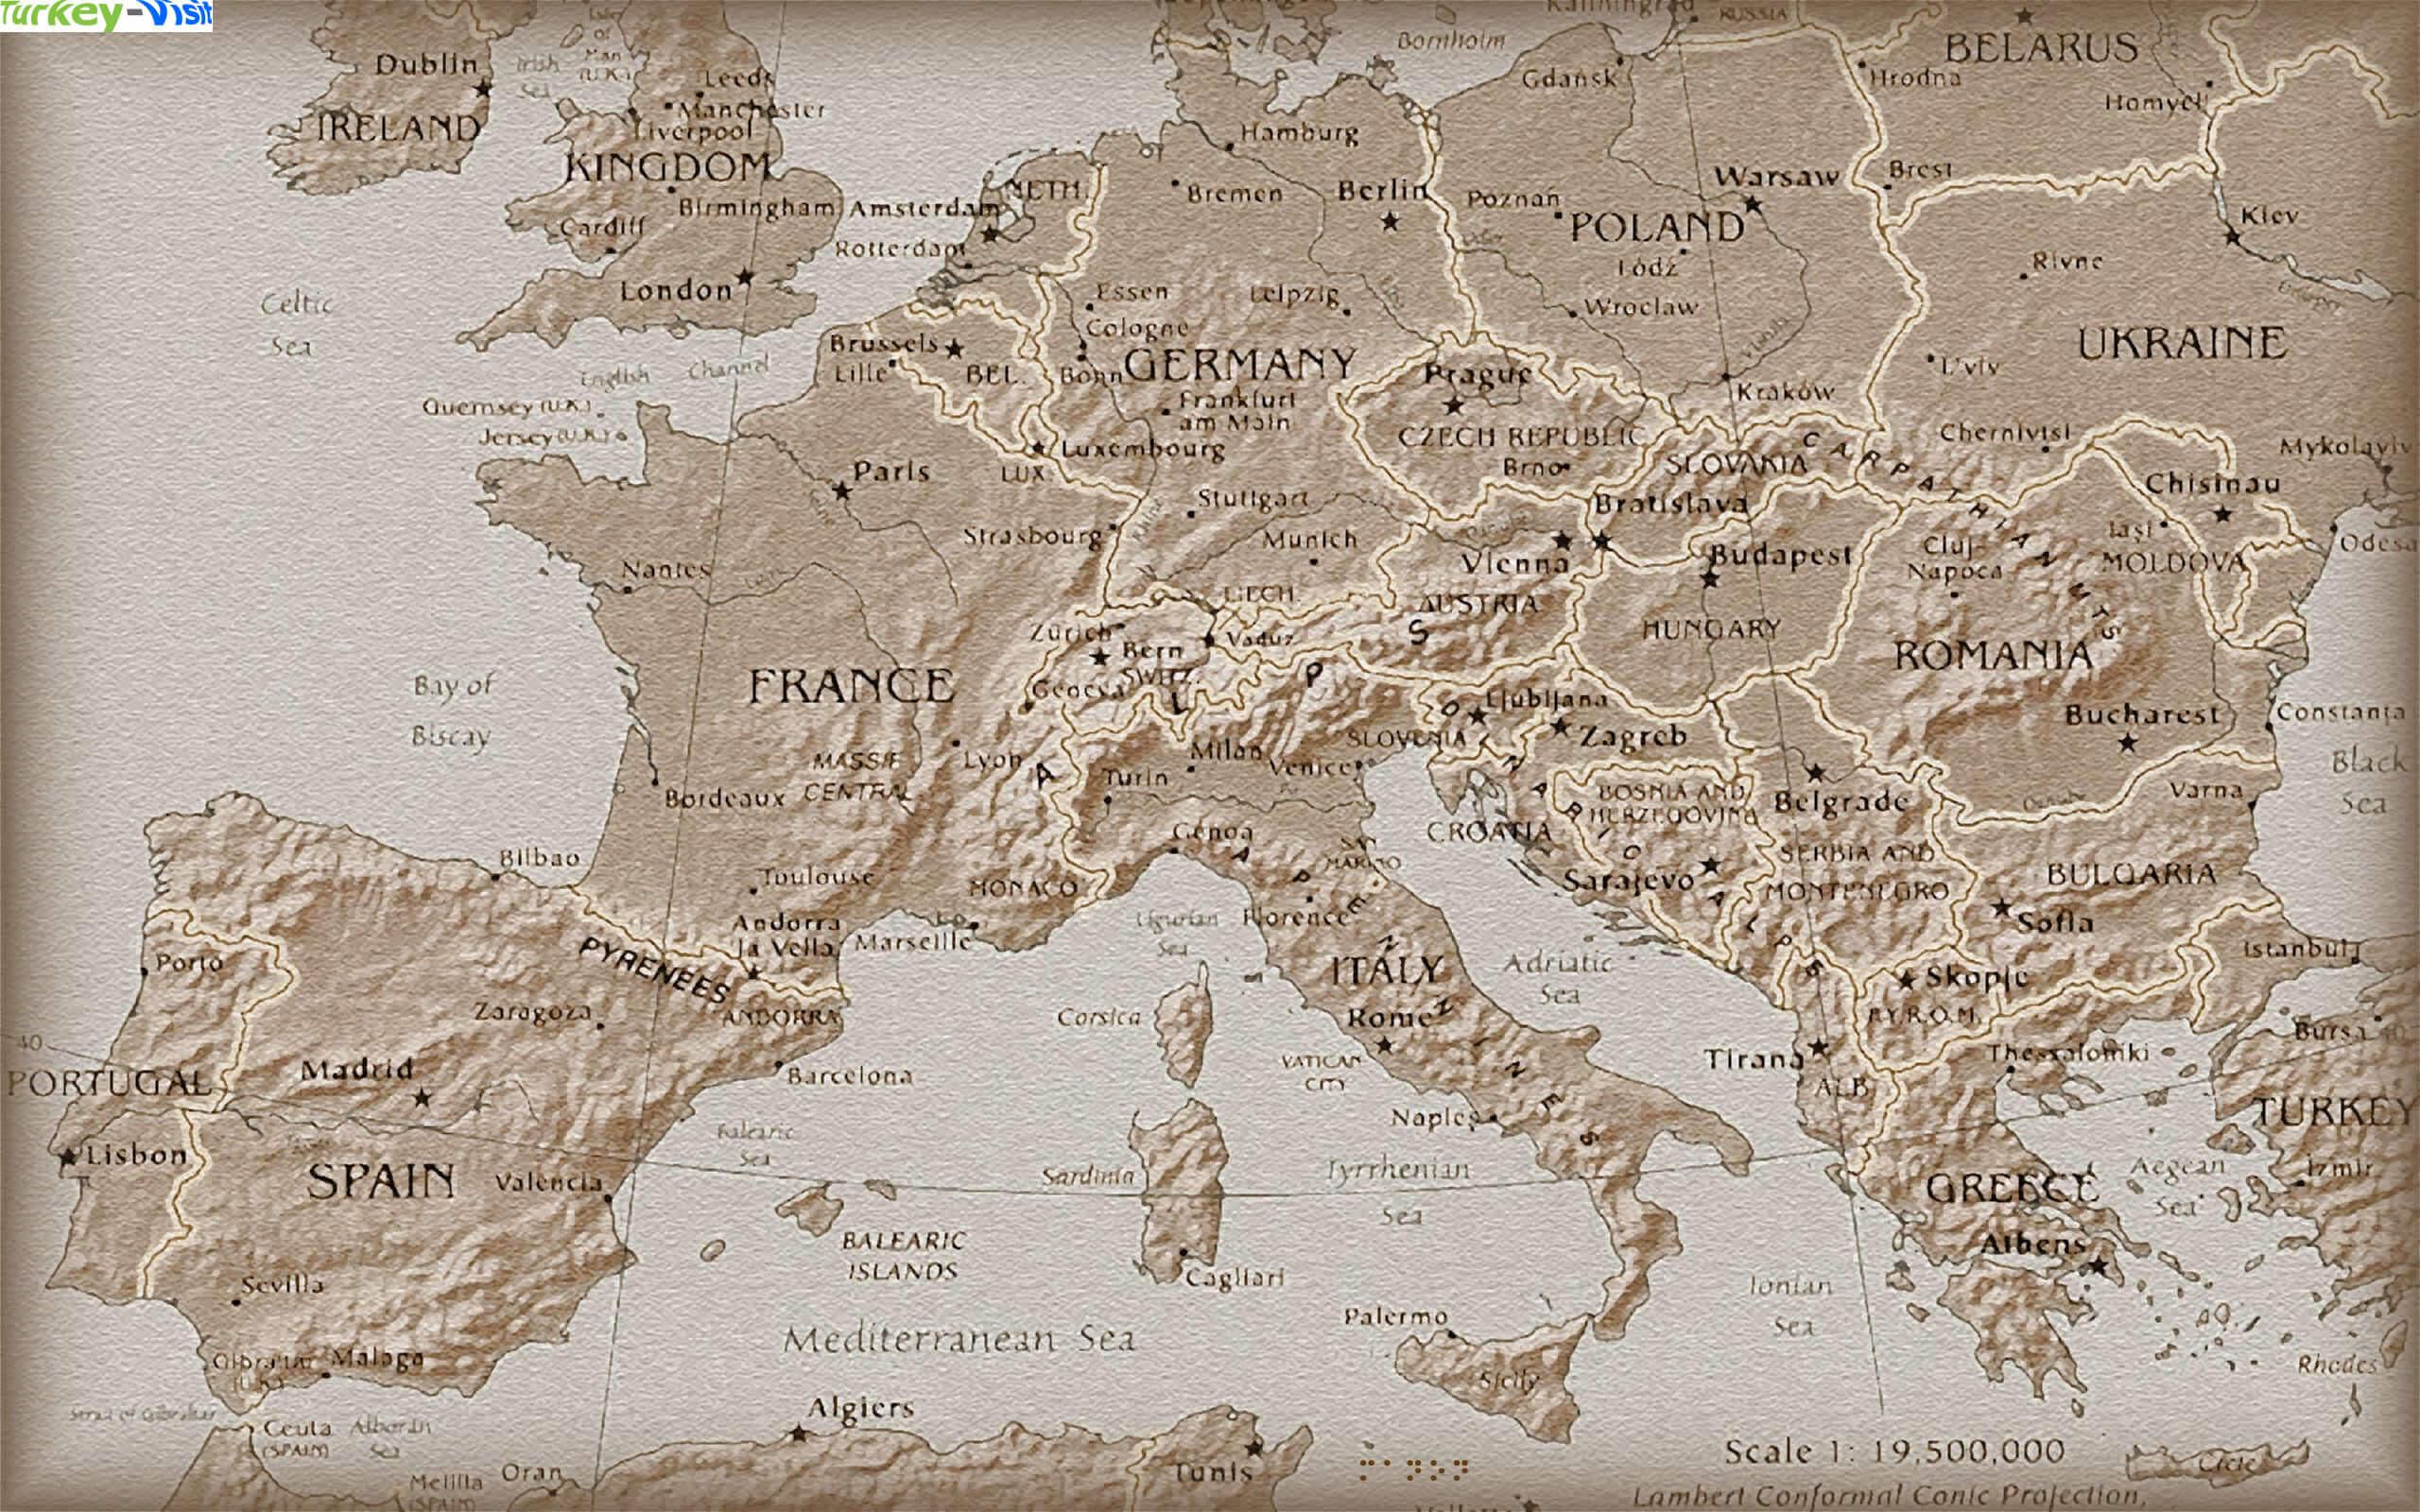 Terrain Map - Europe terrain map